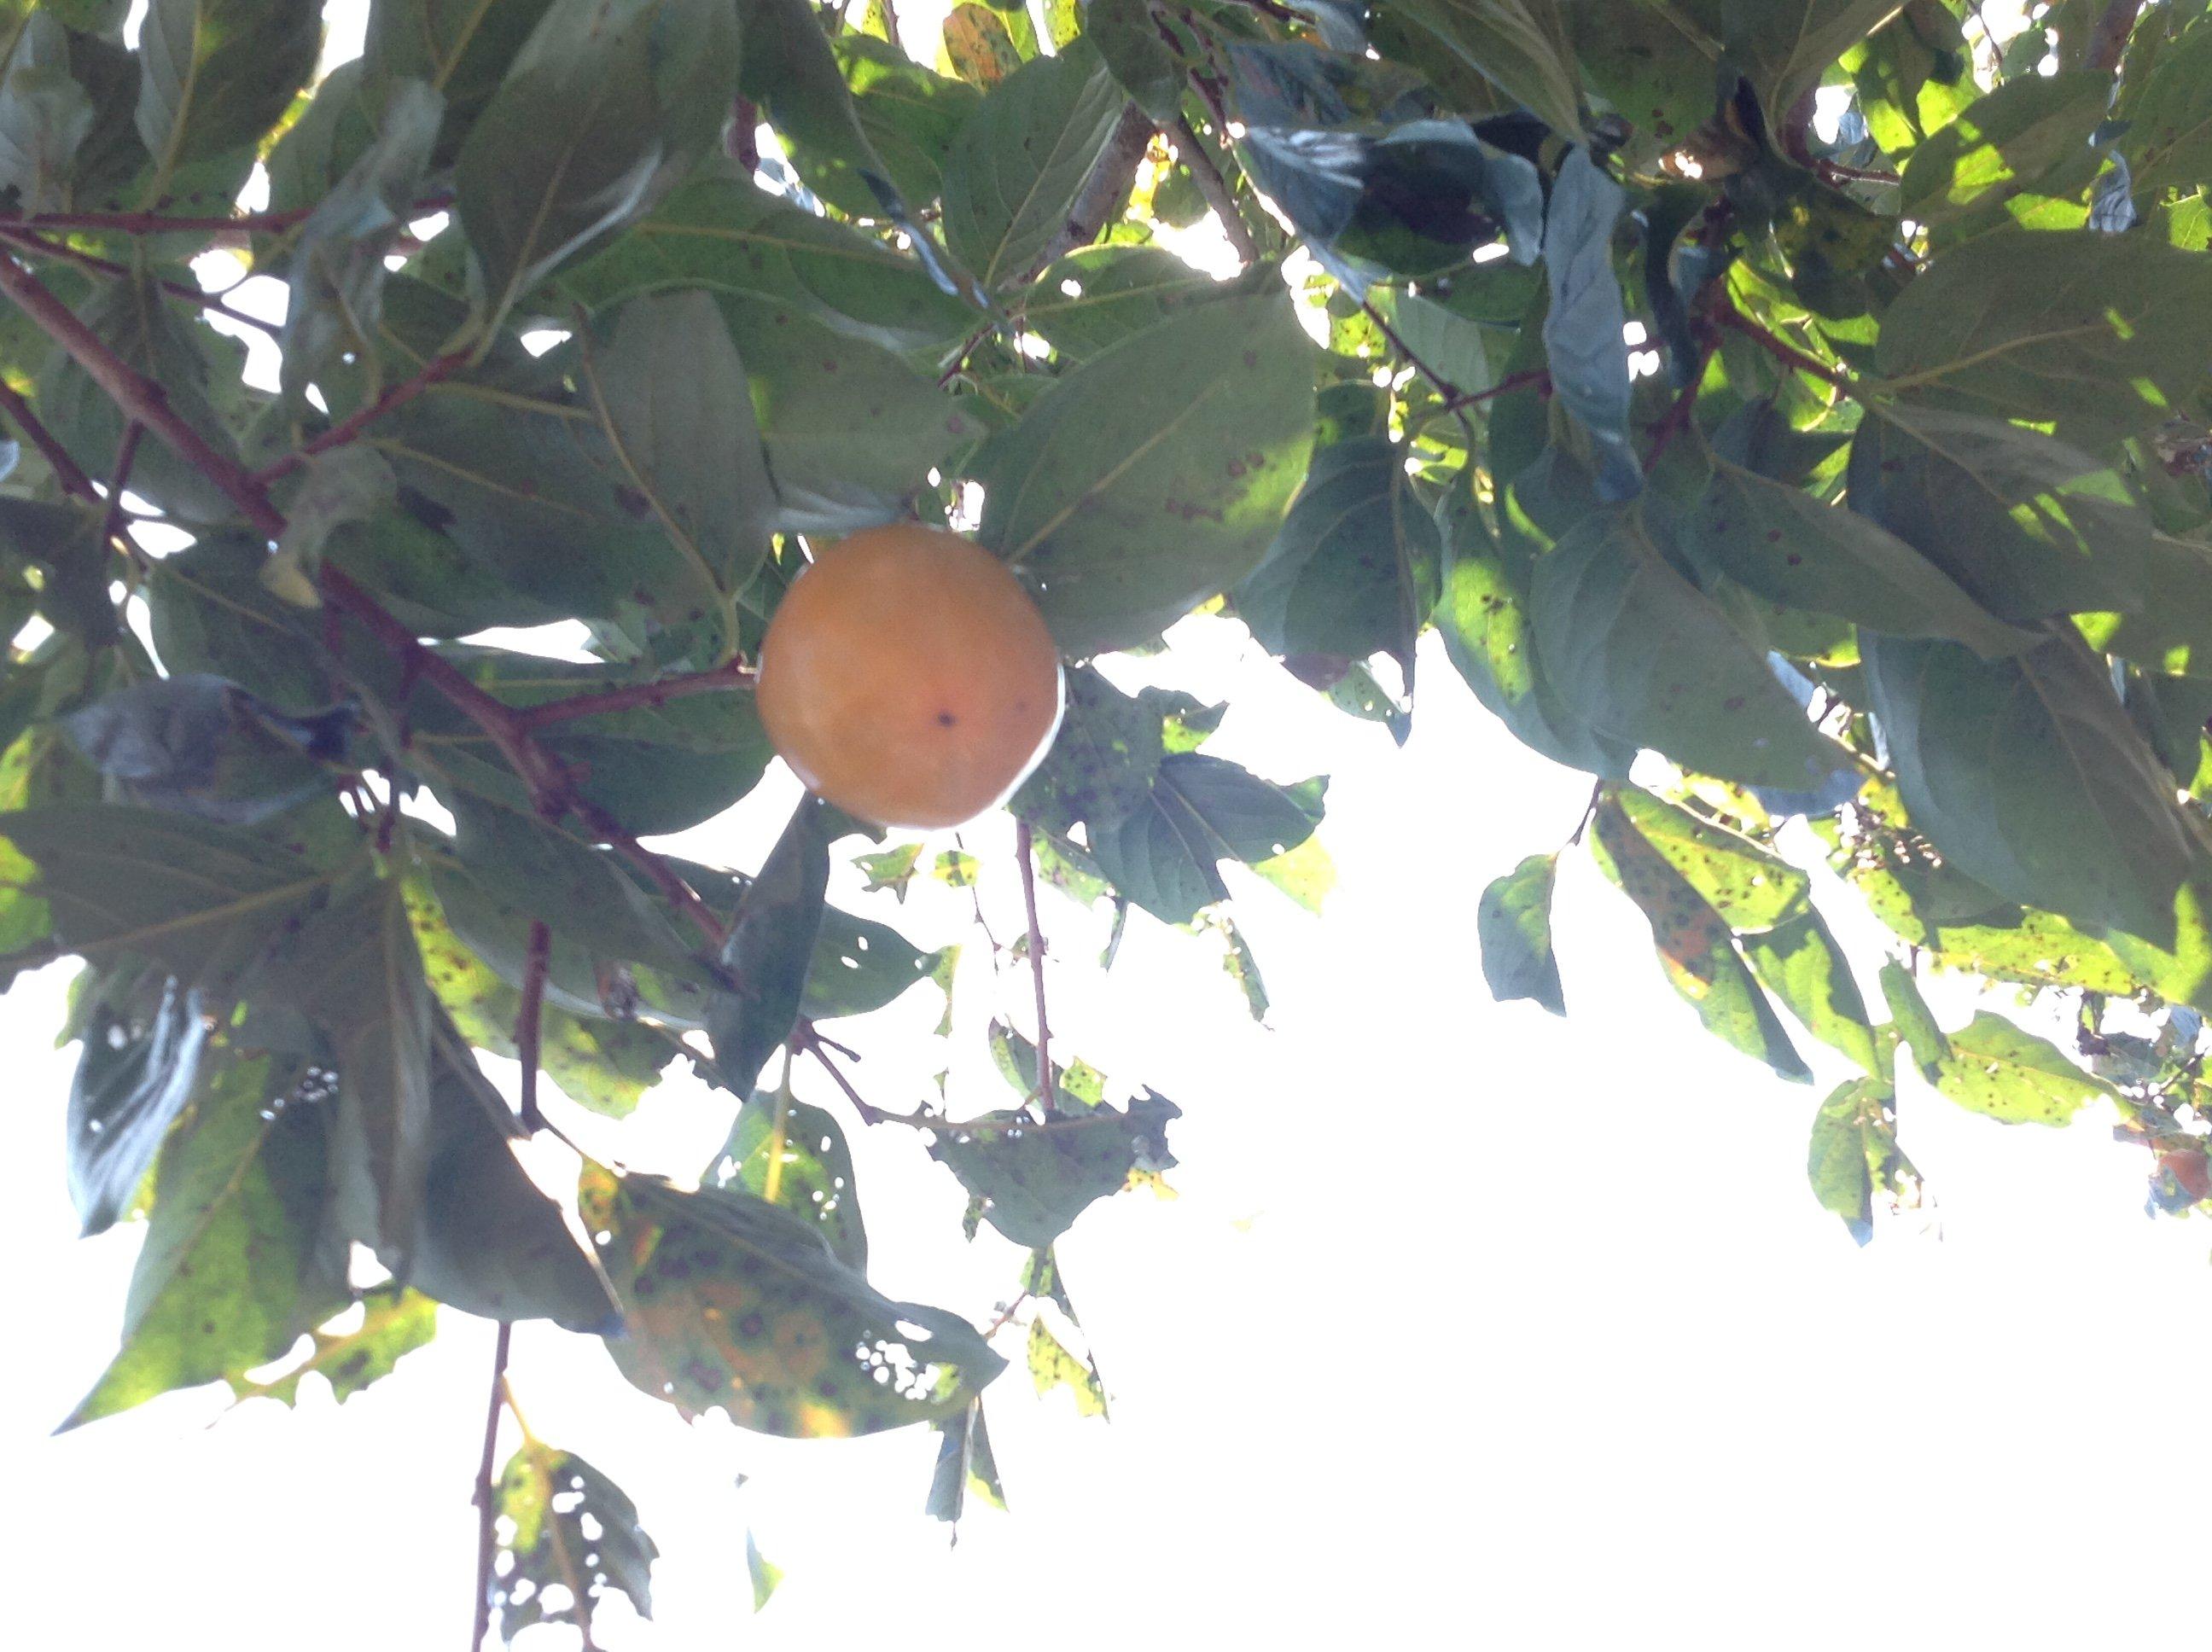 おはようございます♪柿の時期ですね!庭の柿も収穫時期でしょう…